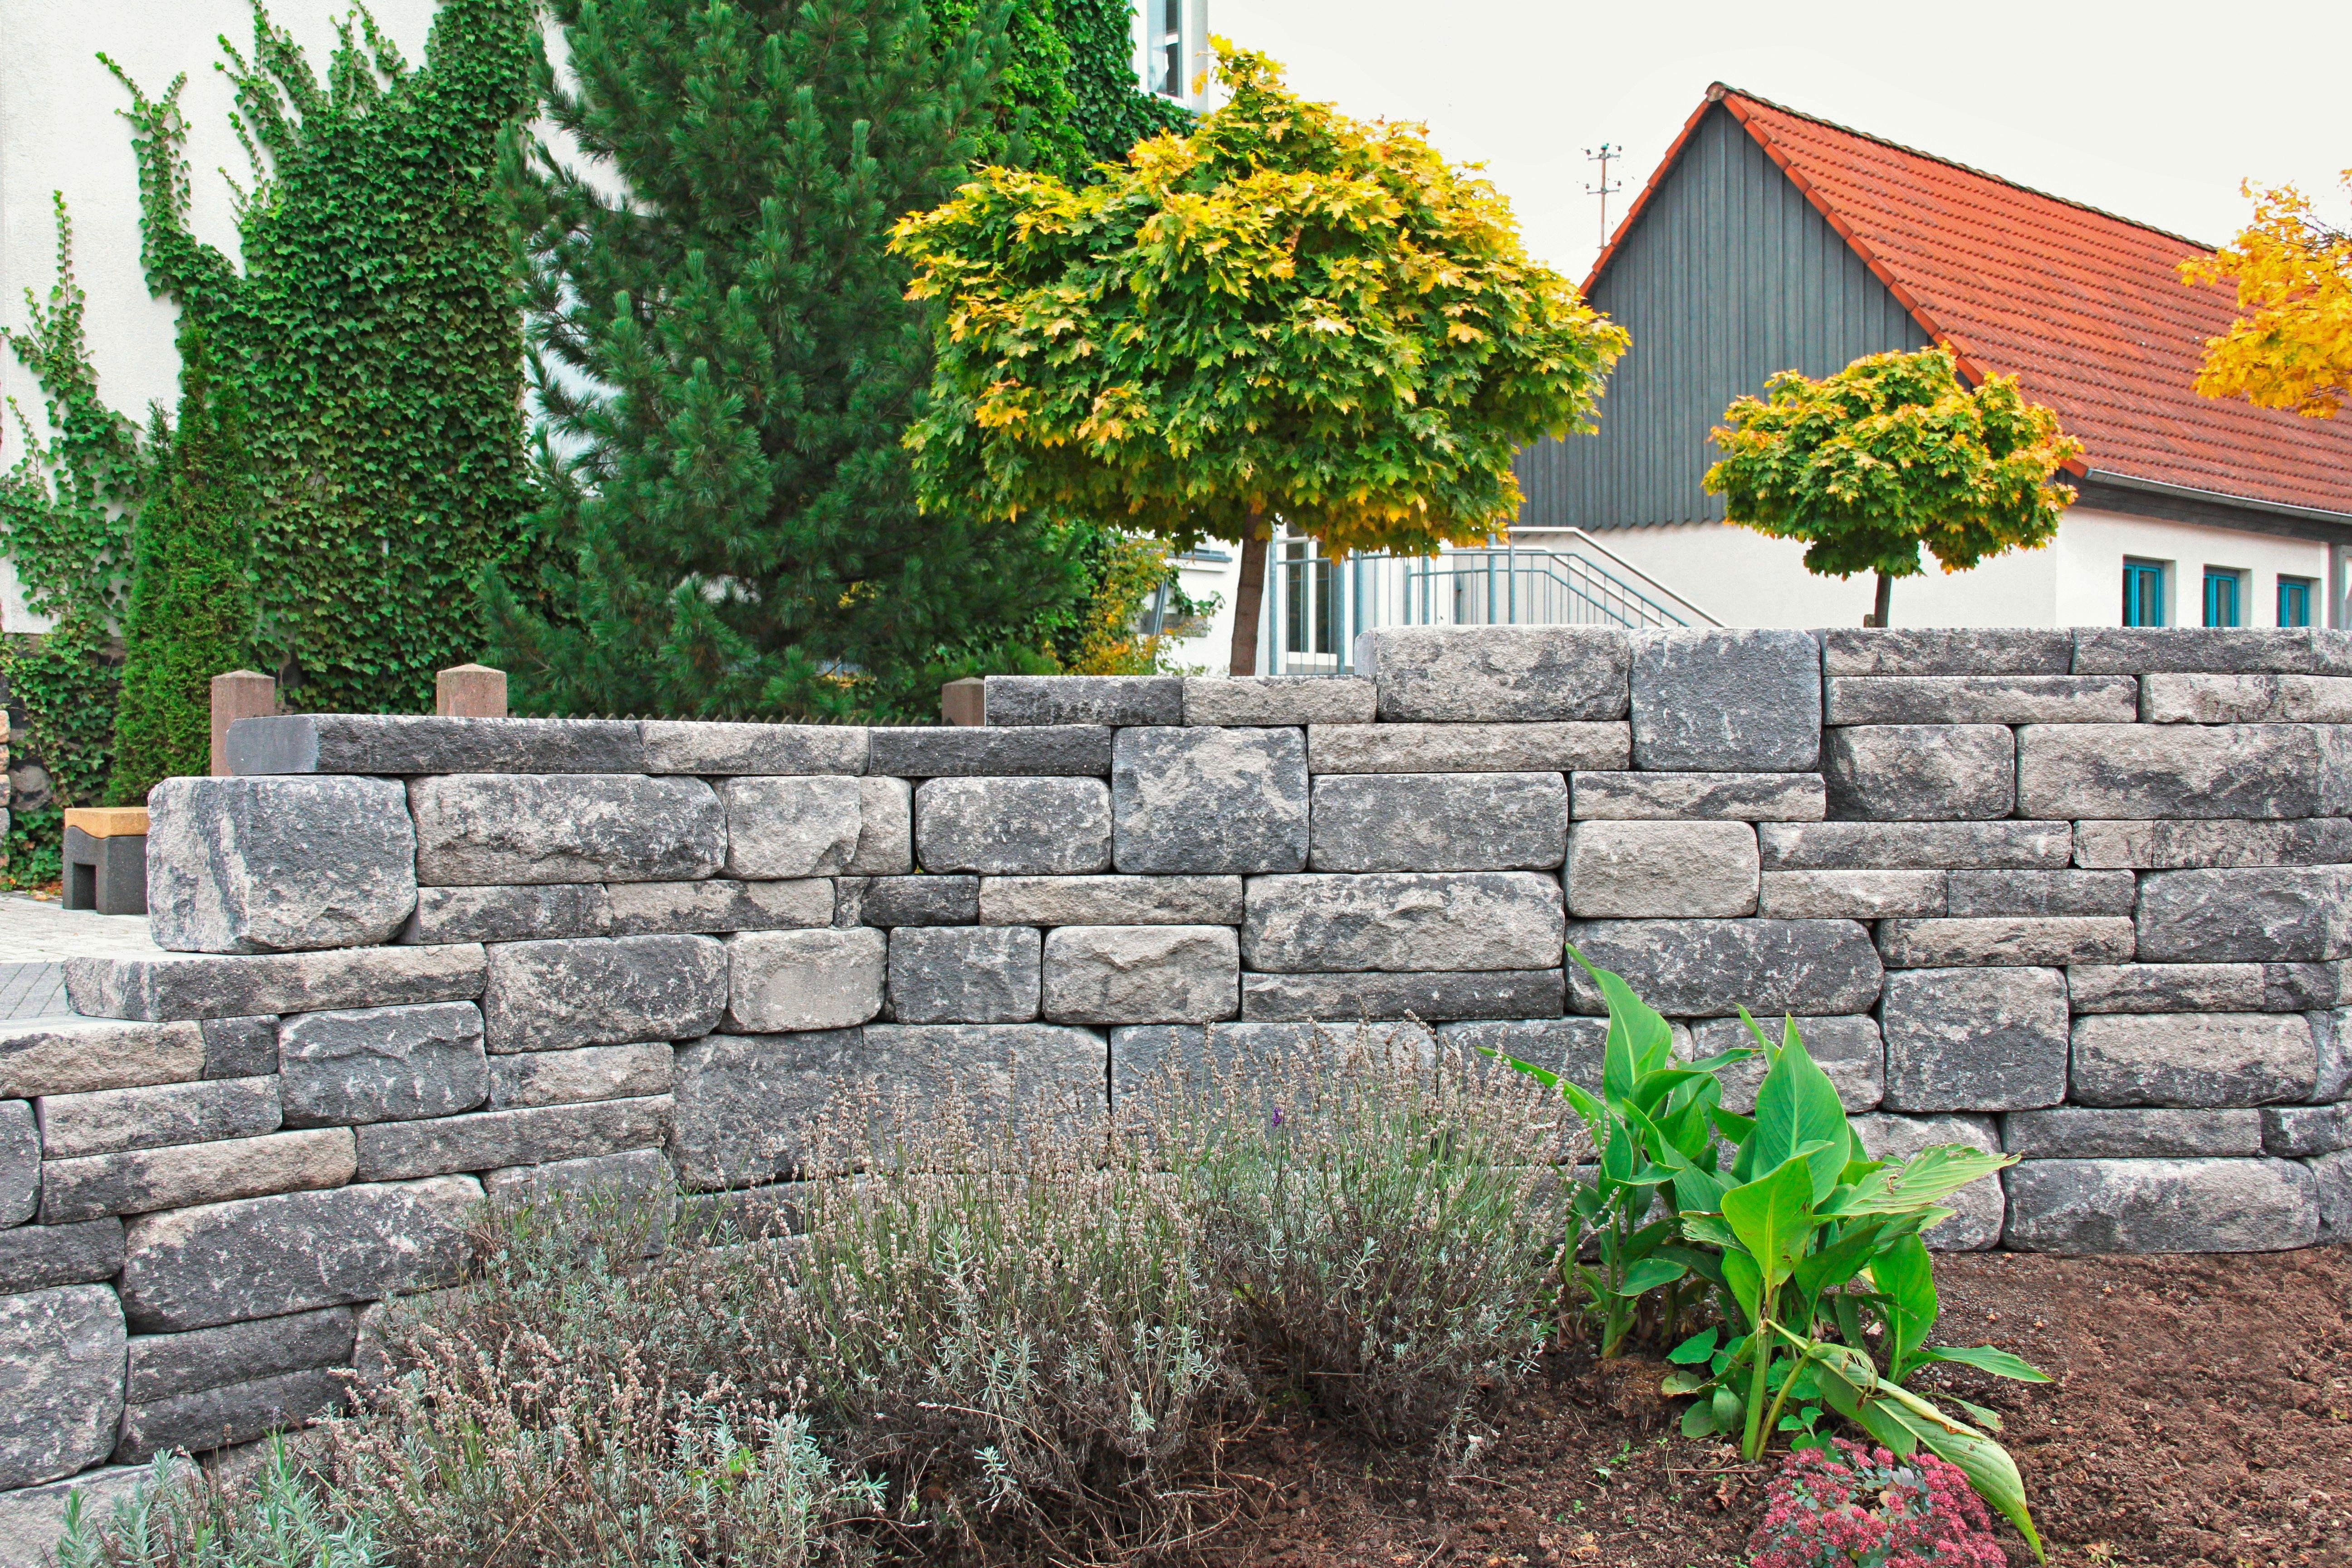 Mit Dem Santuro Wechselschichtmauersystem Lassen Sich Muhelos Optisch Lebendige Und Abwechslungsreiche Wandfl Gartenmauern Steinwand Garten Steinmauer Garten